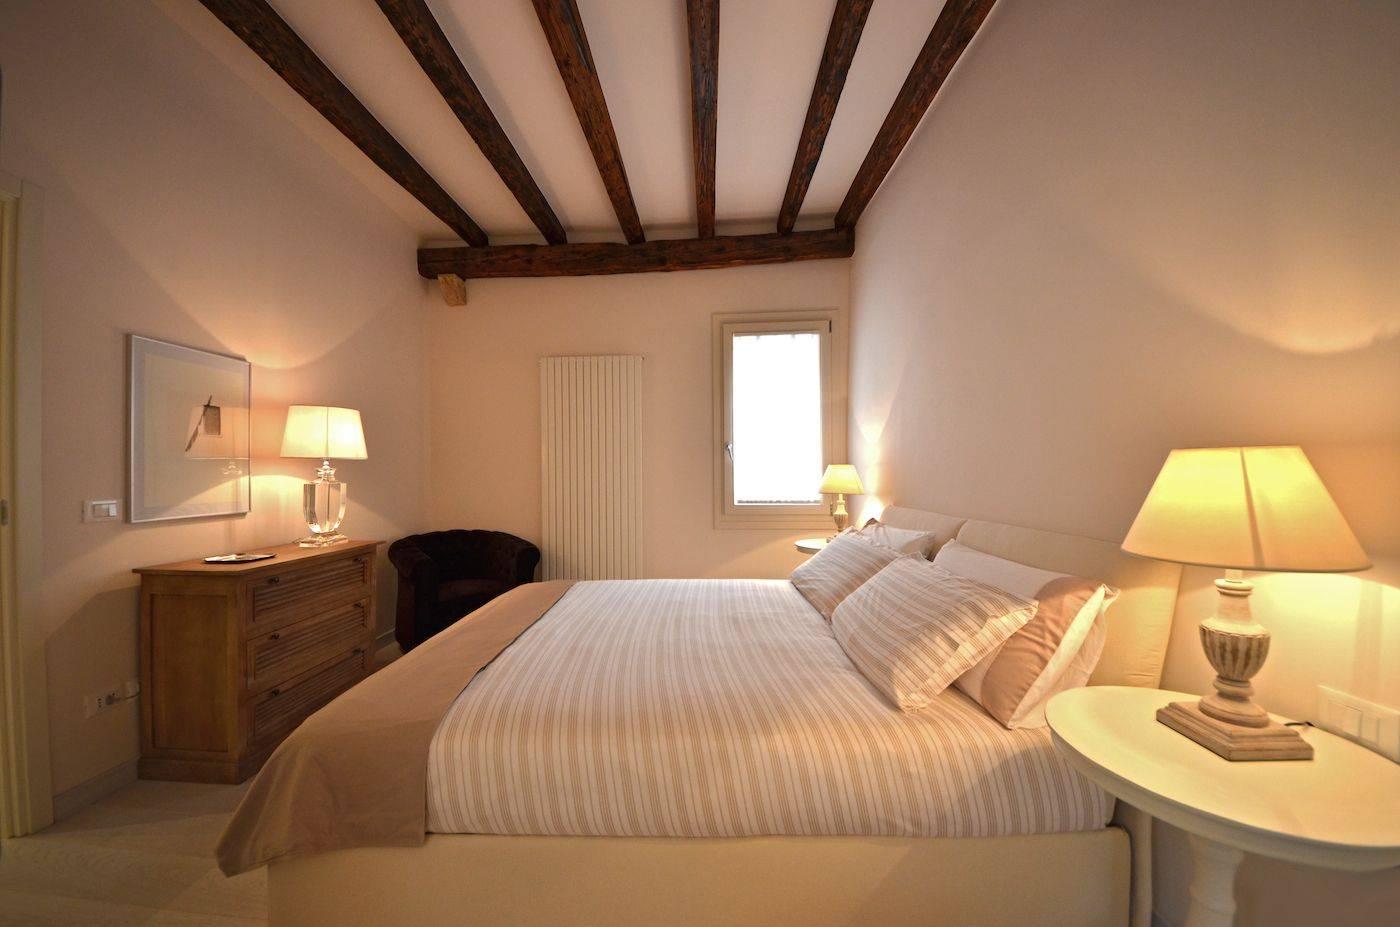 the cozy bedroom is very quiet